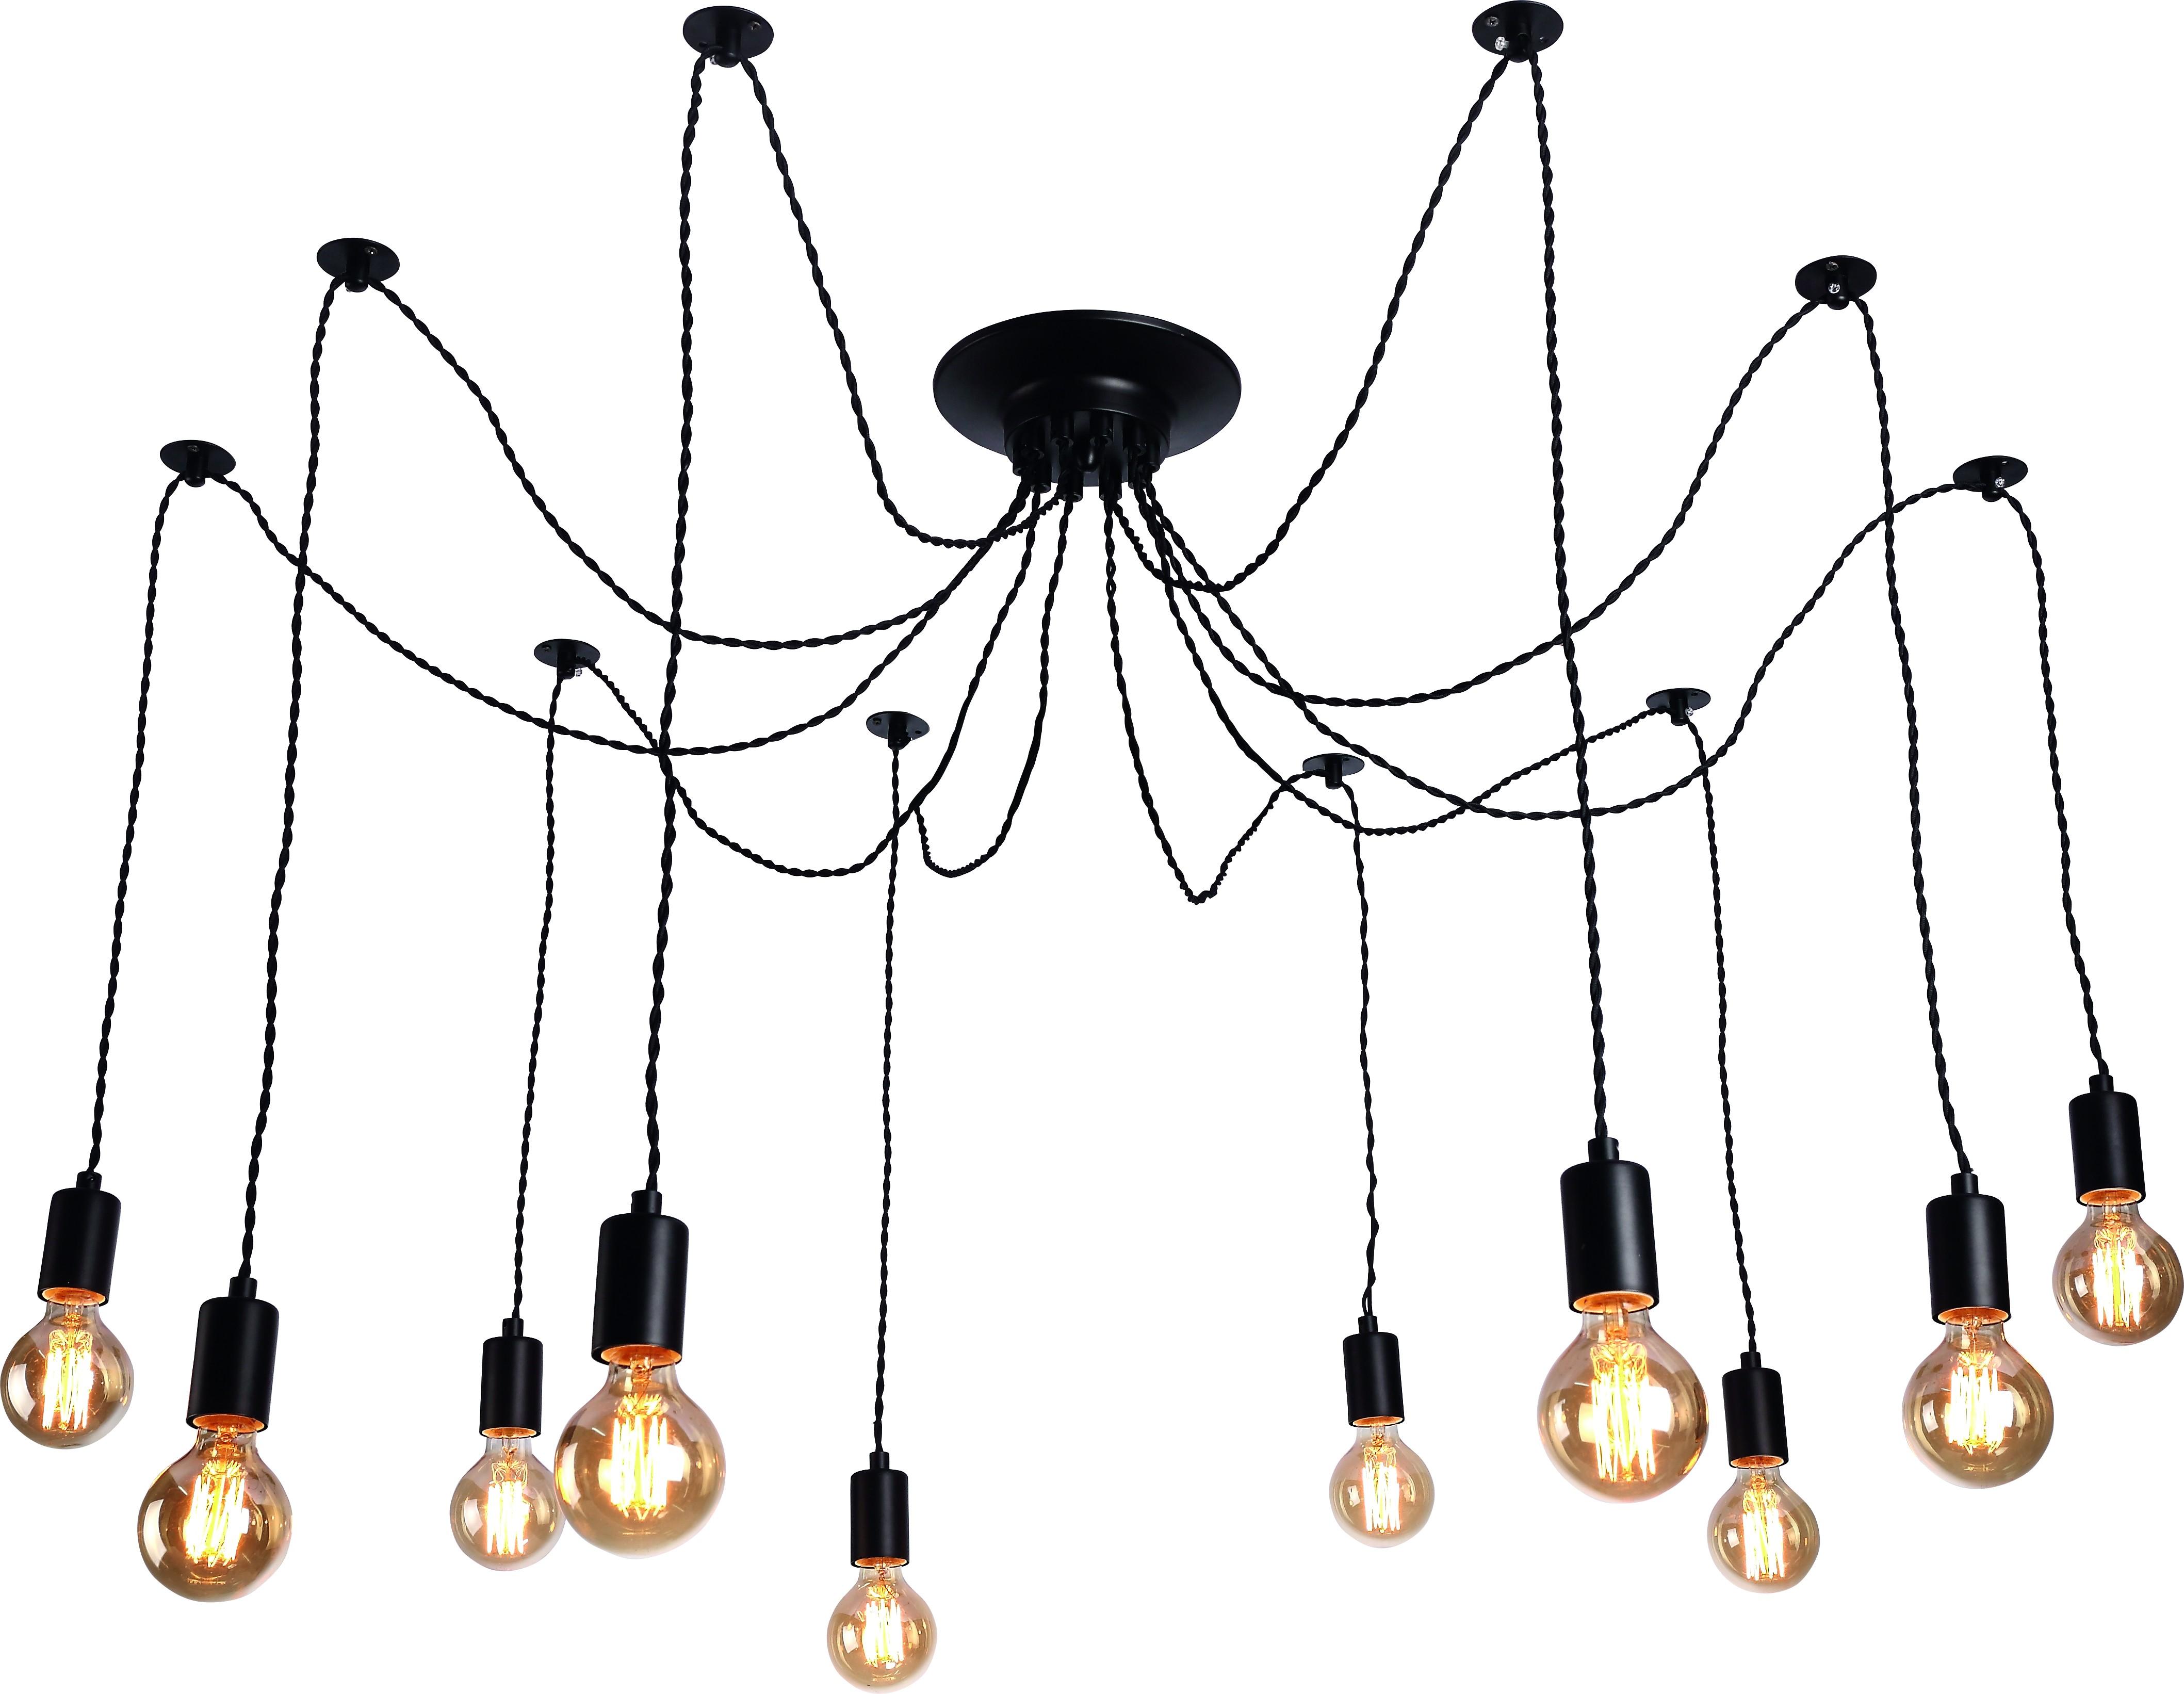 Люстра Arte lamp A9184sp-10bk пылесос iclebo arte carbon ycr m05 10